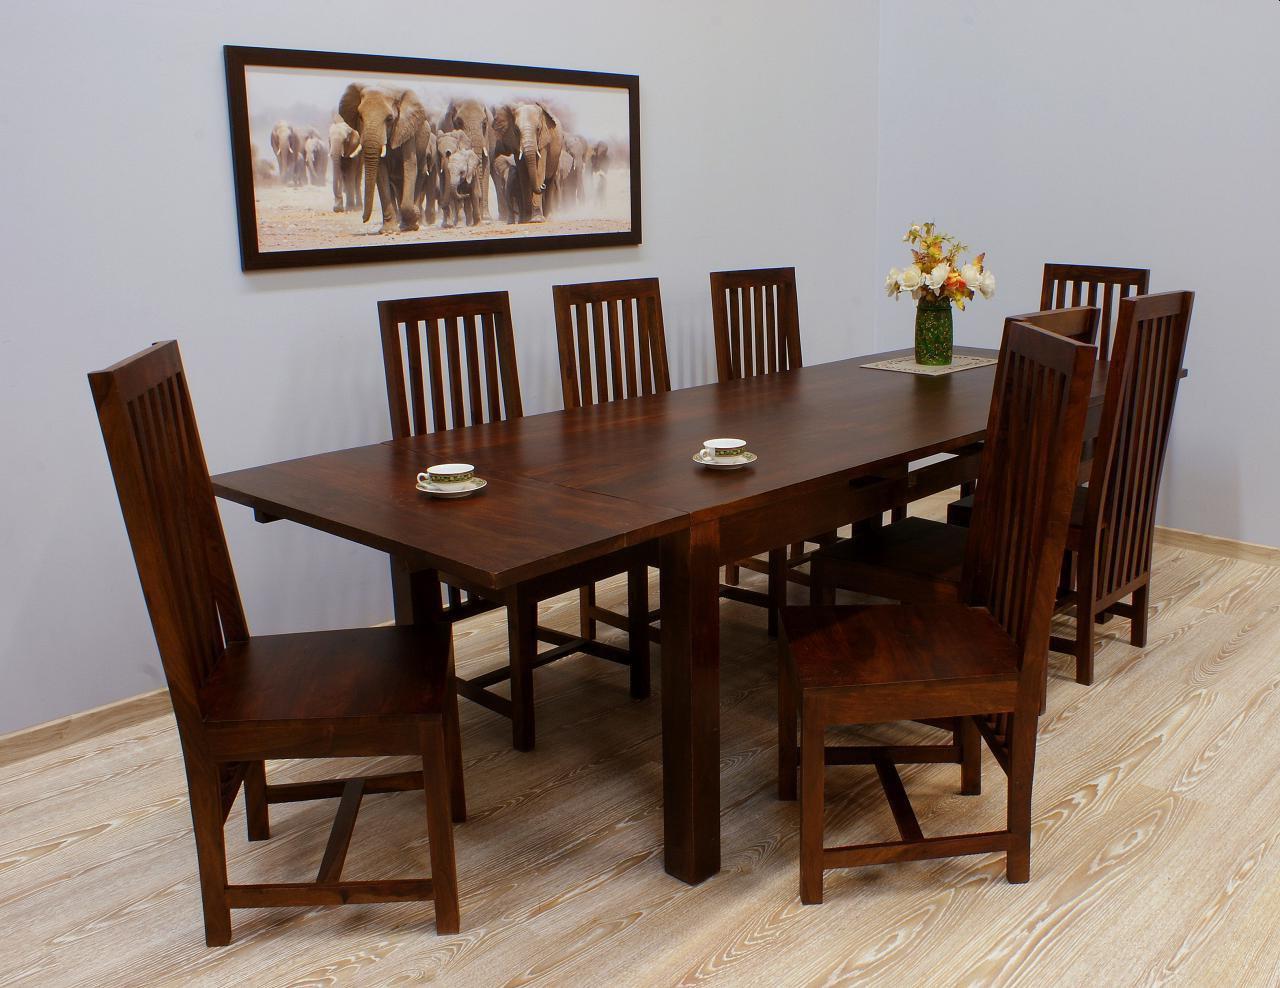 Komplet obiadowy kolonialny stół rozkładany + 8 krzeseł lite drewno palisander ciemnobrązowy